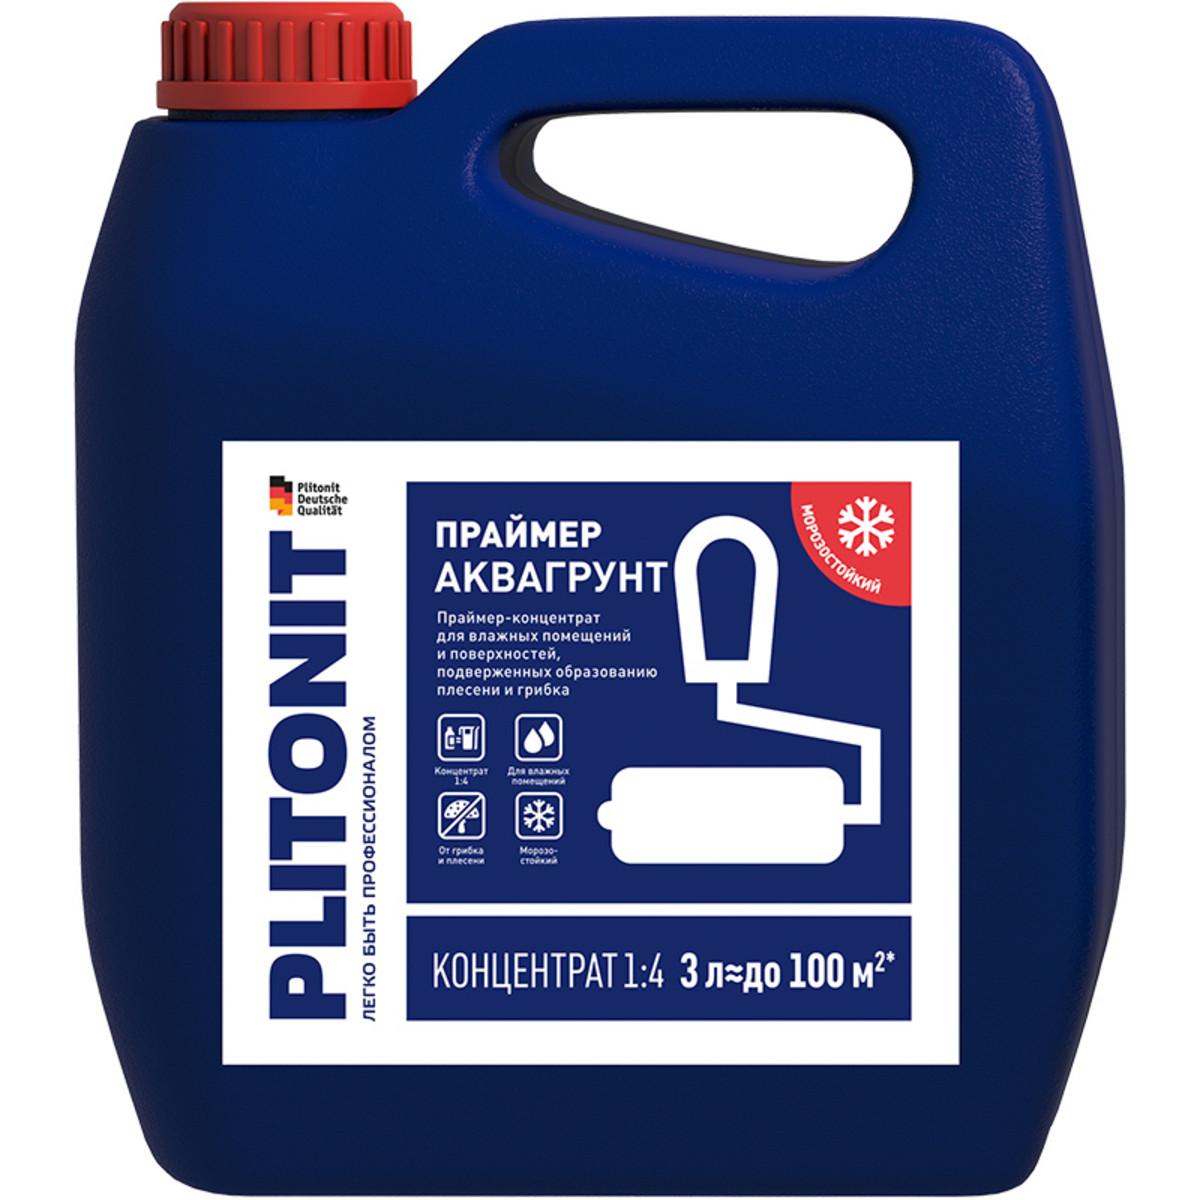 Грунтовка для влажных помещений Plitonit АкваГрунт 3 л